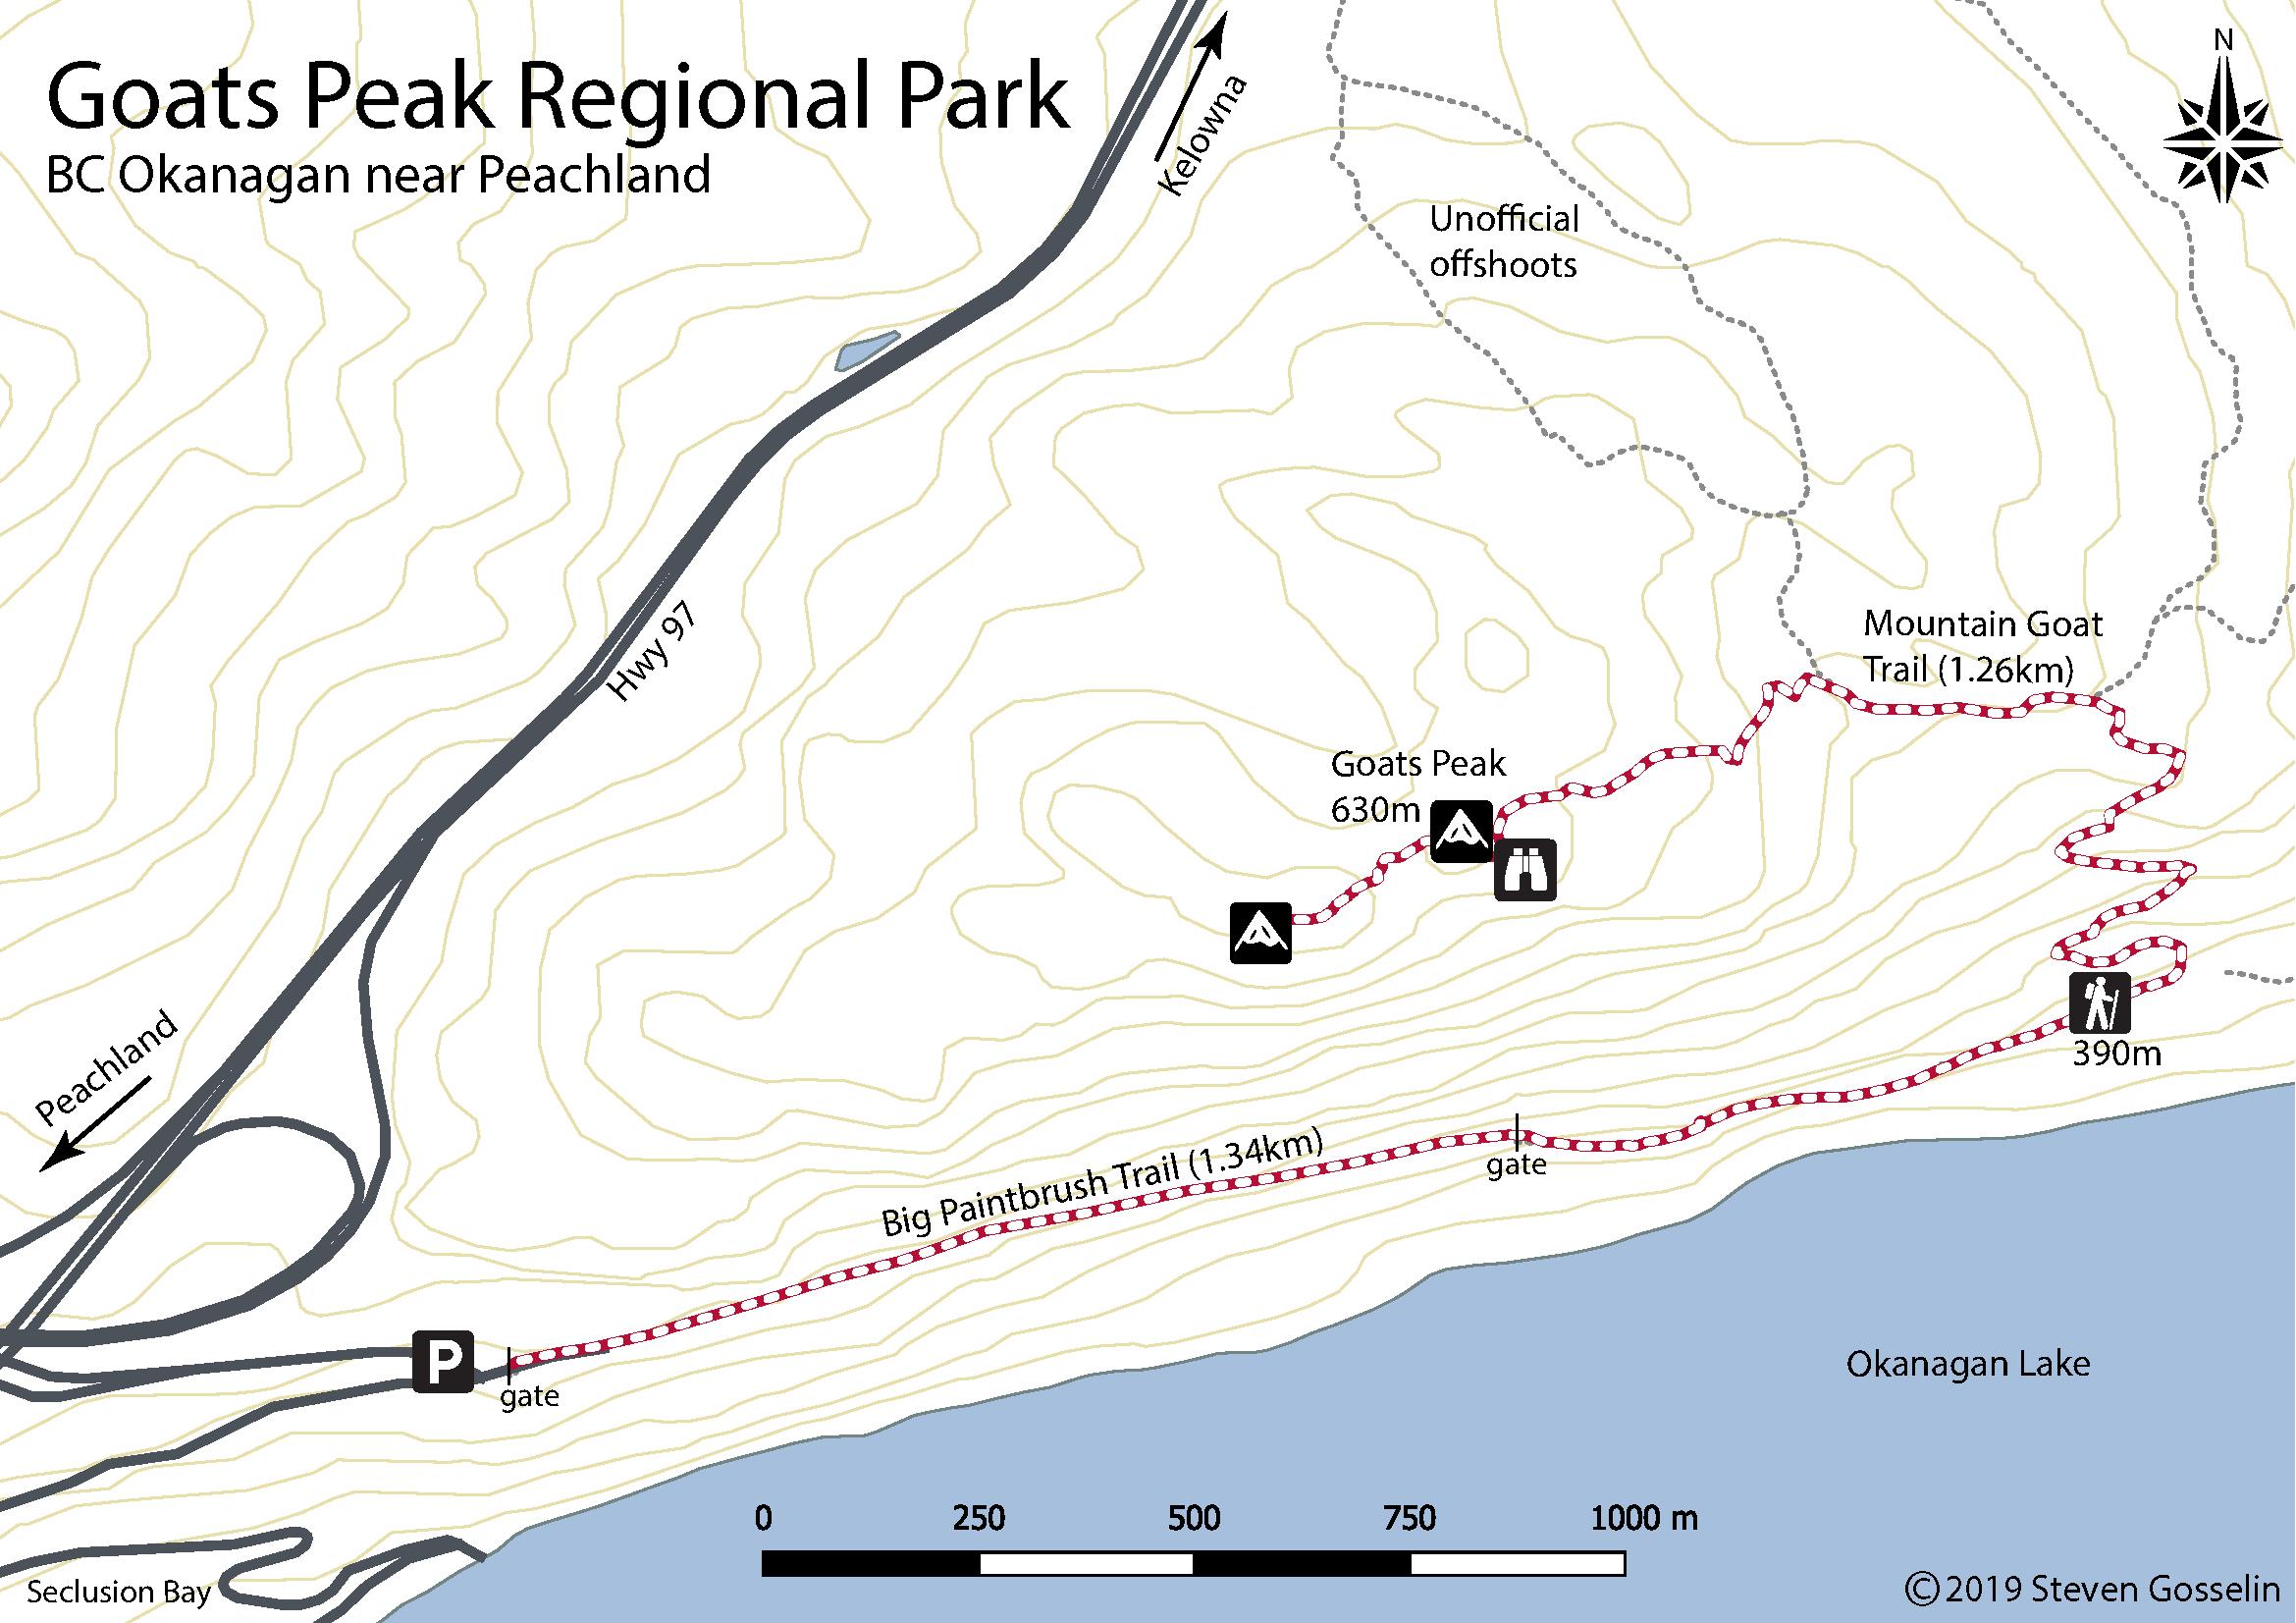 Goat's Peak Regional Park